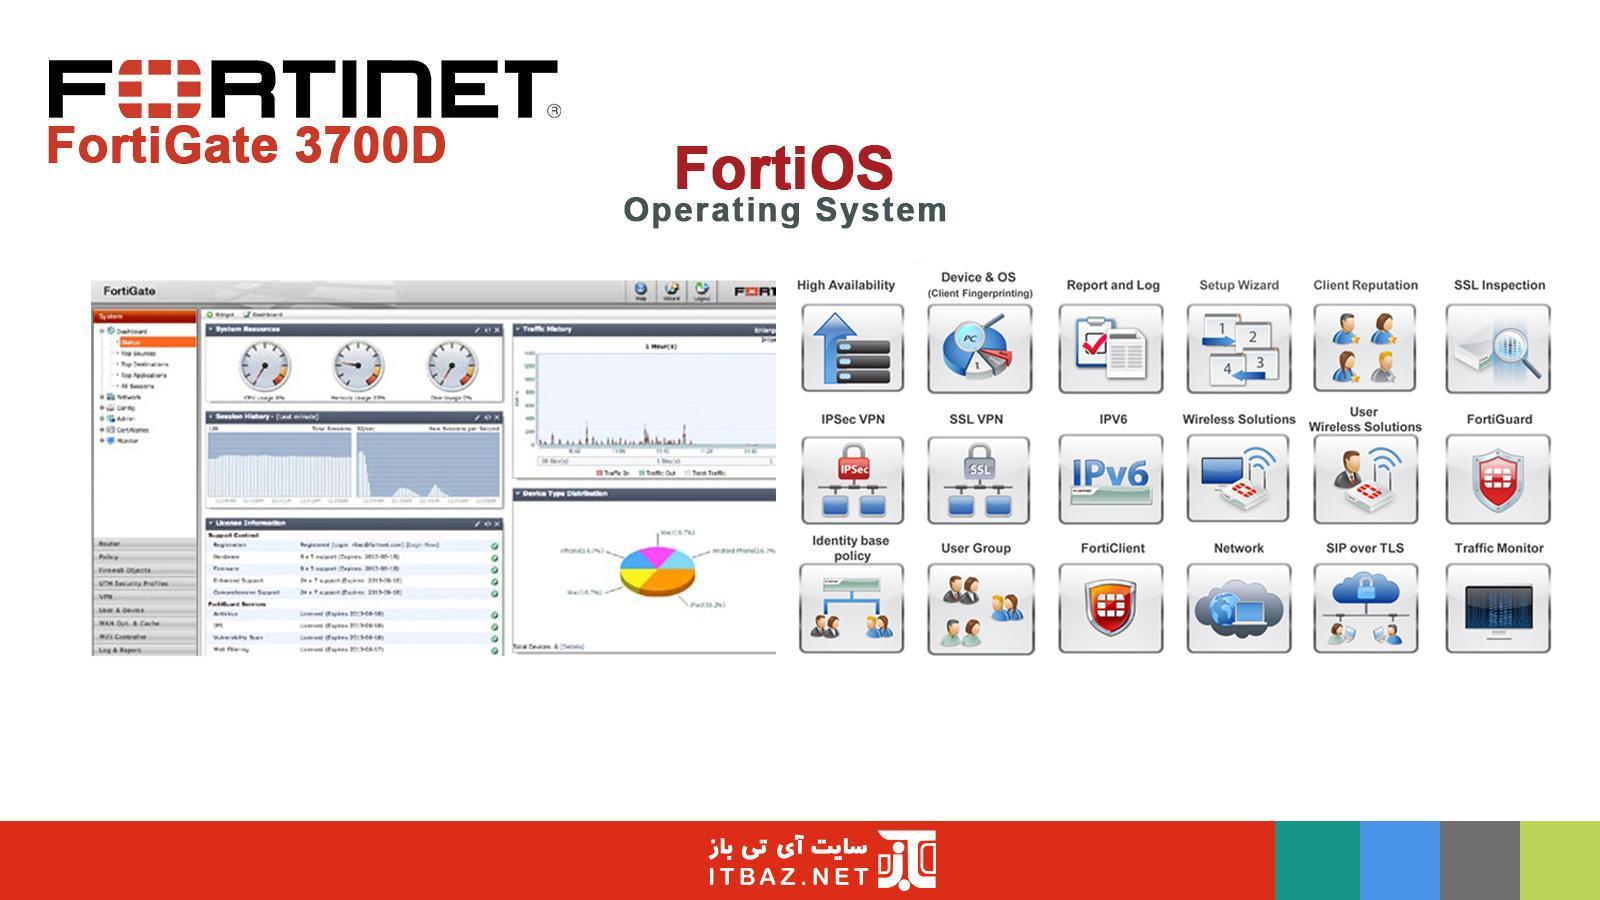 سیستم عامل FortiOS در فایروال fortigate 3700D